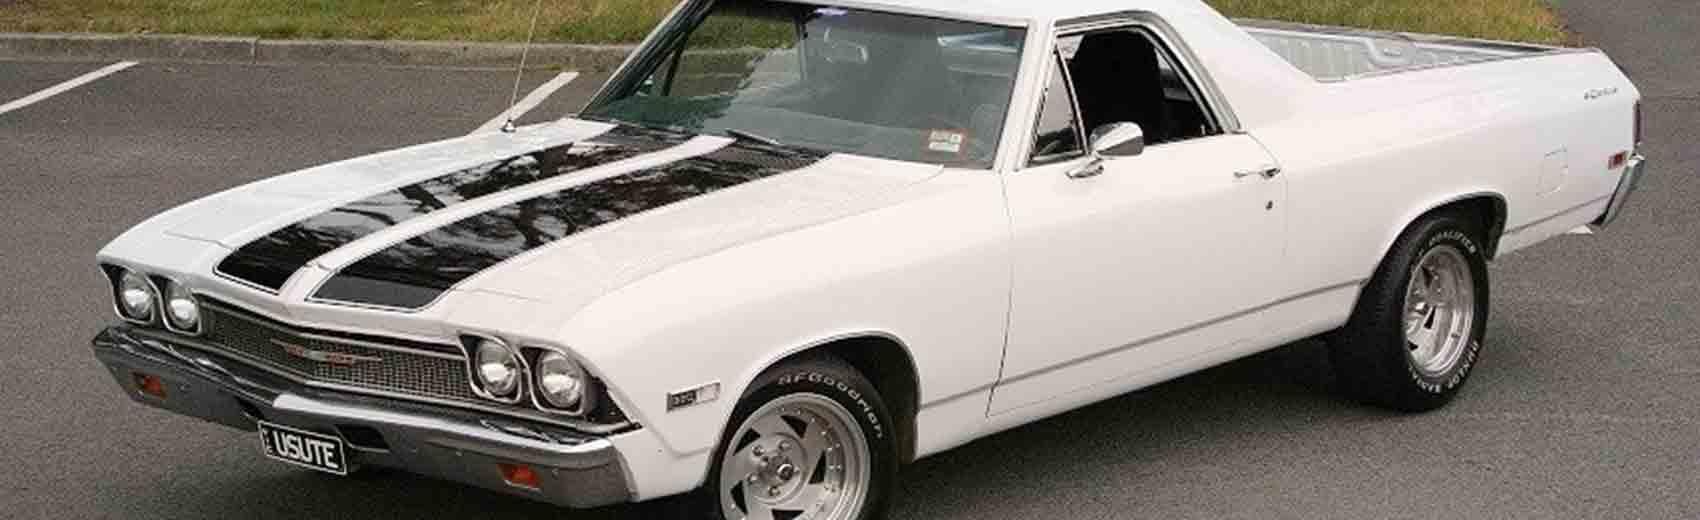 Classic Chevy El Camino